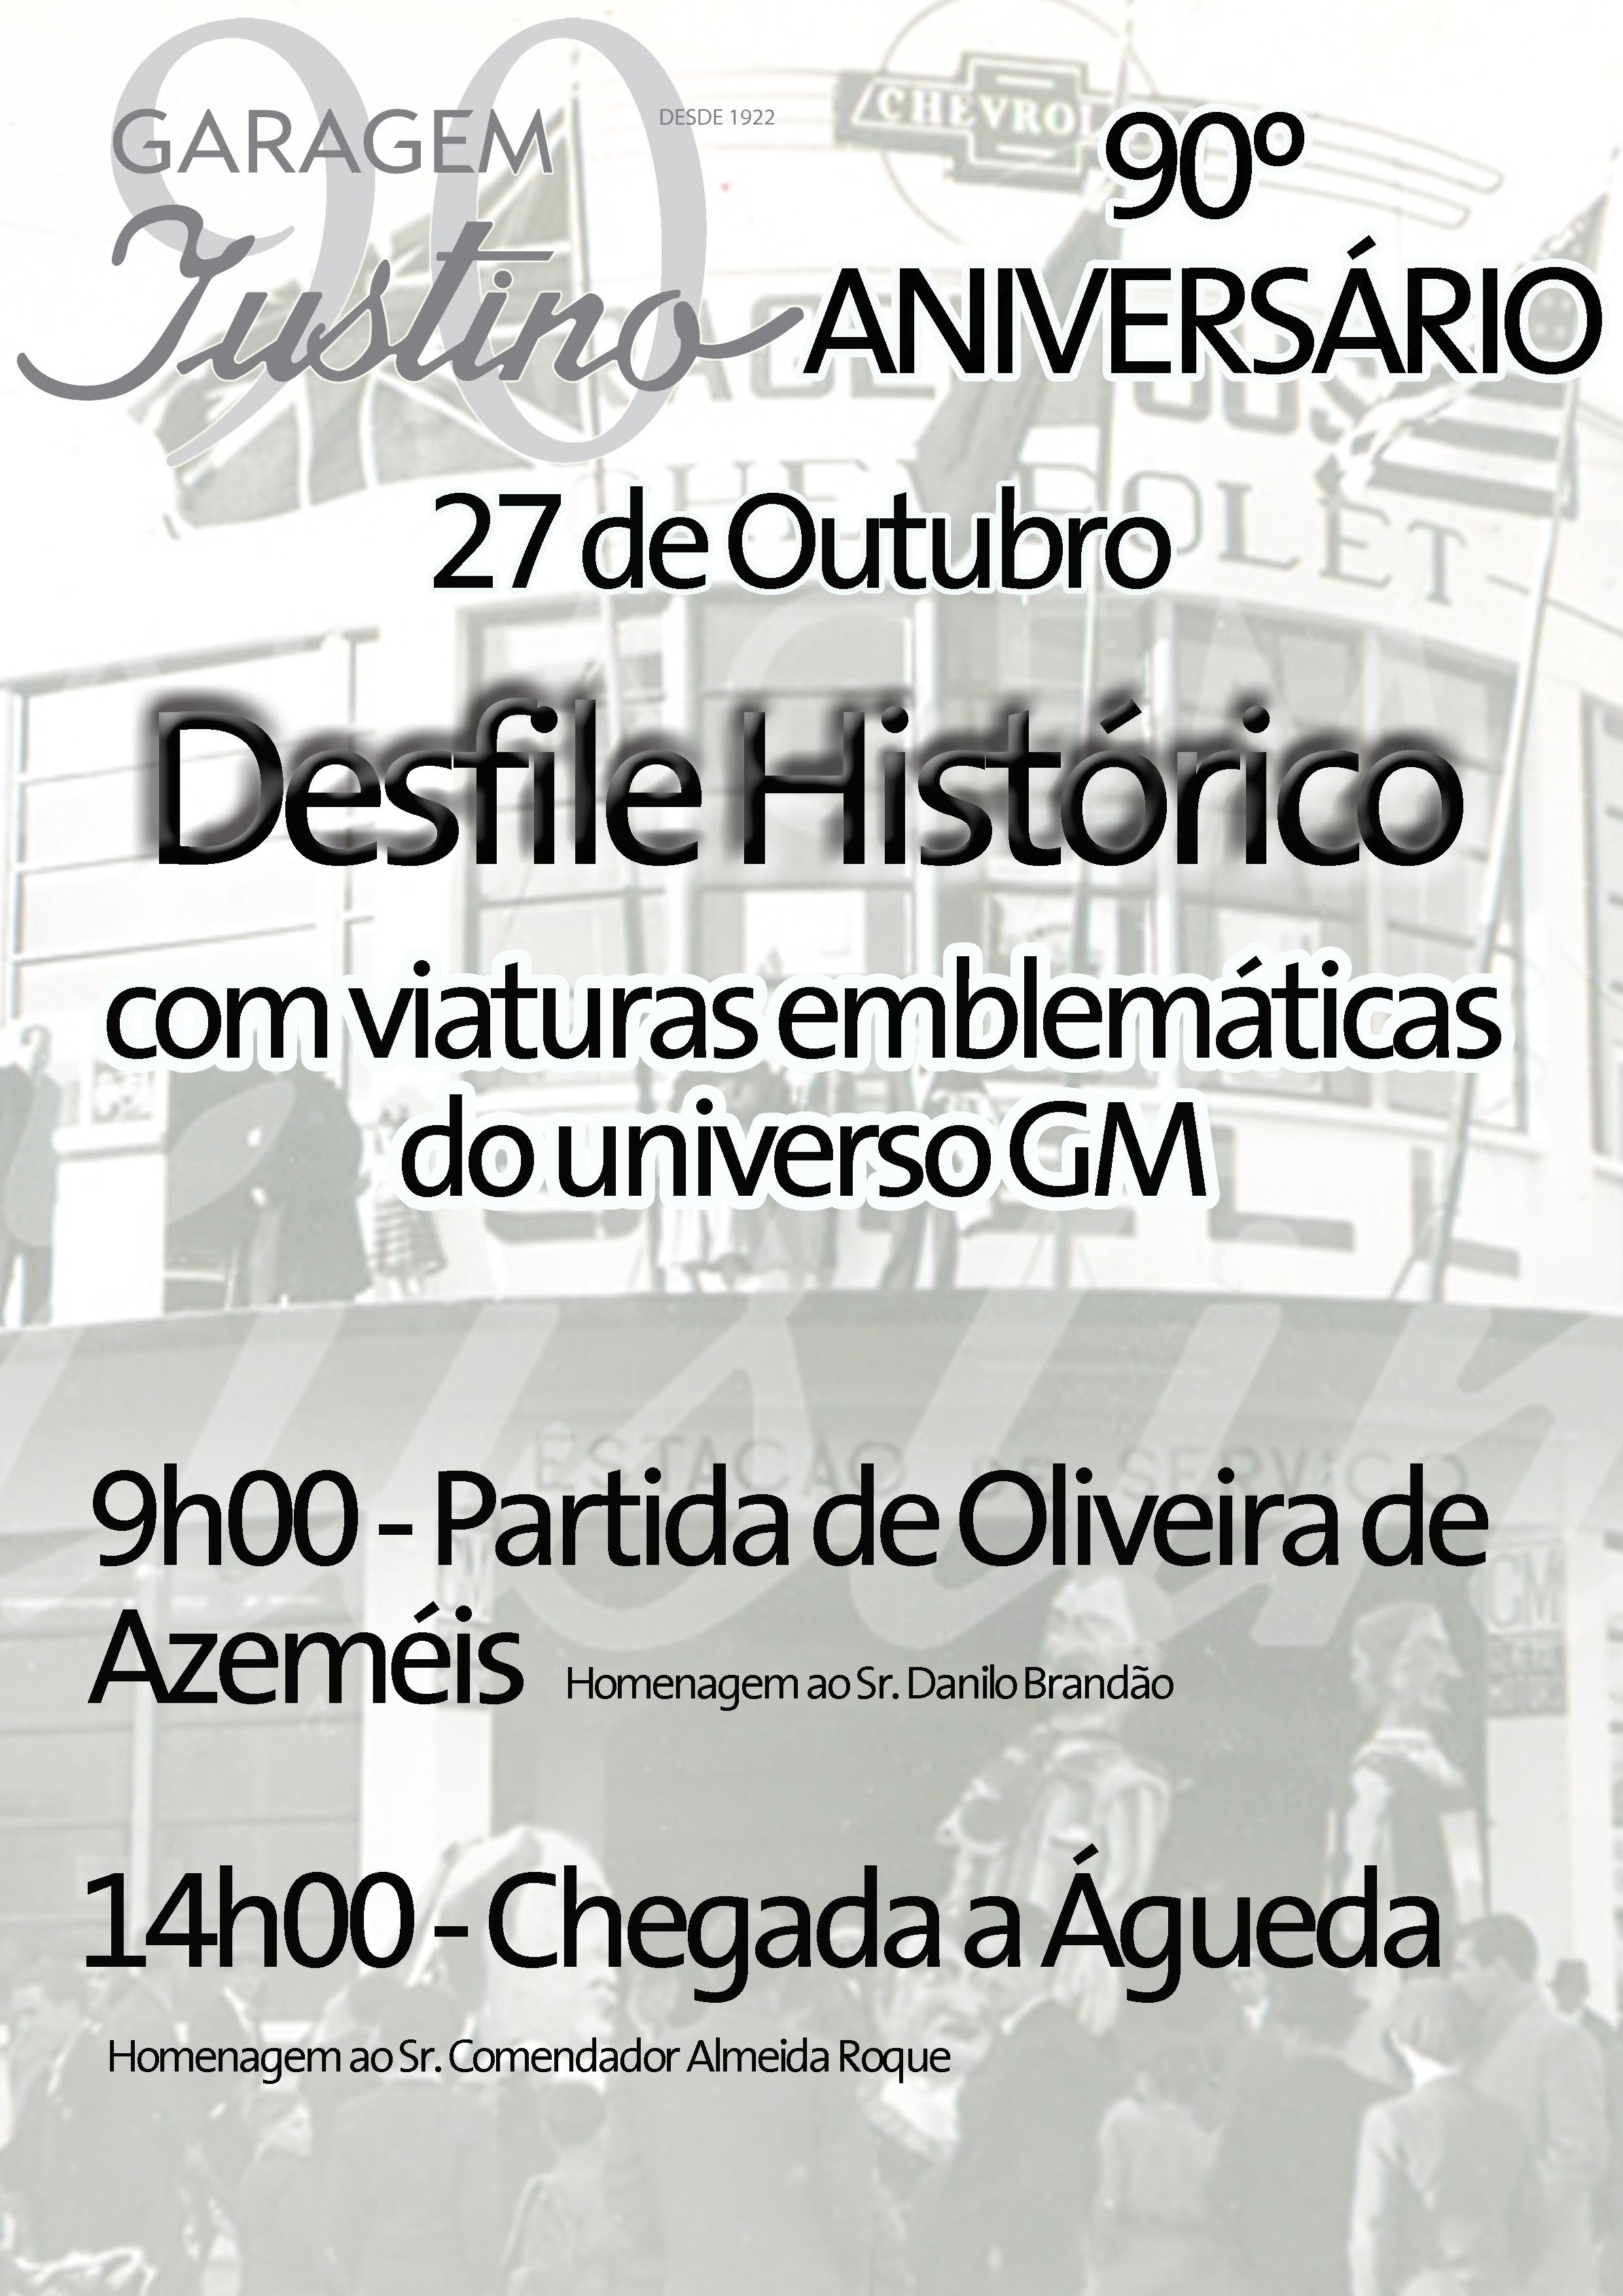 Cartaz Desfile Histórico Garagem Justino